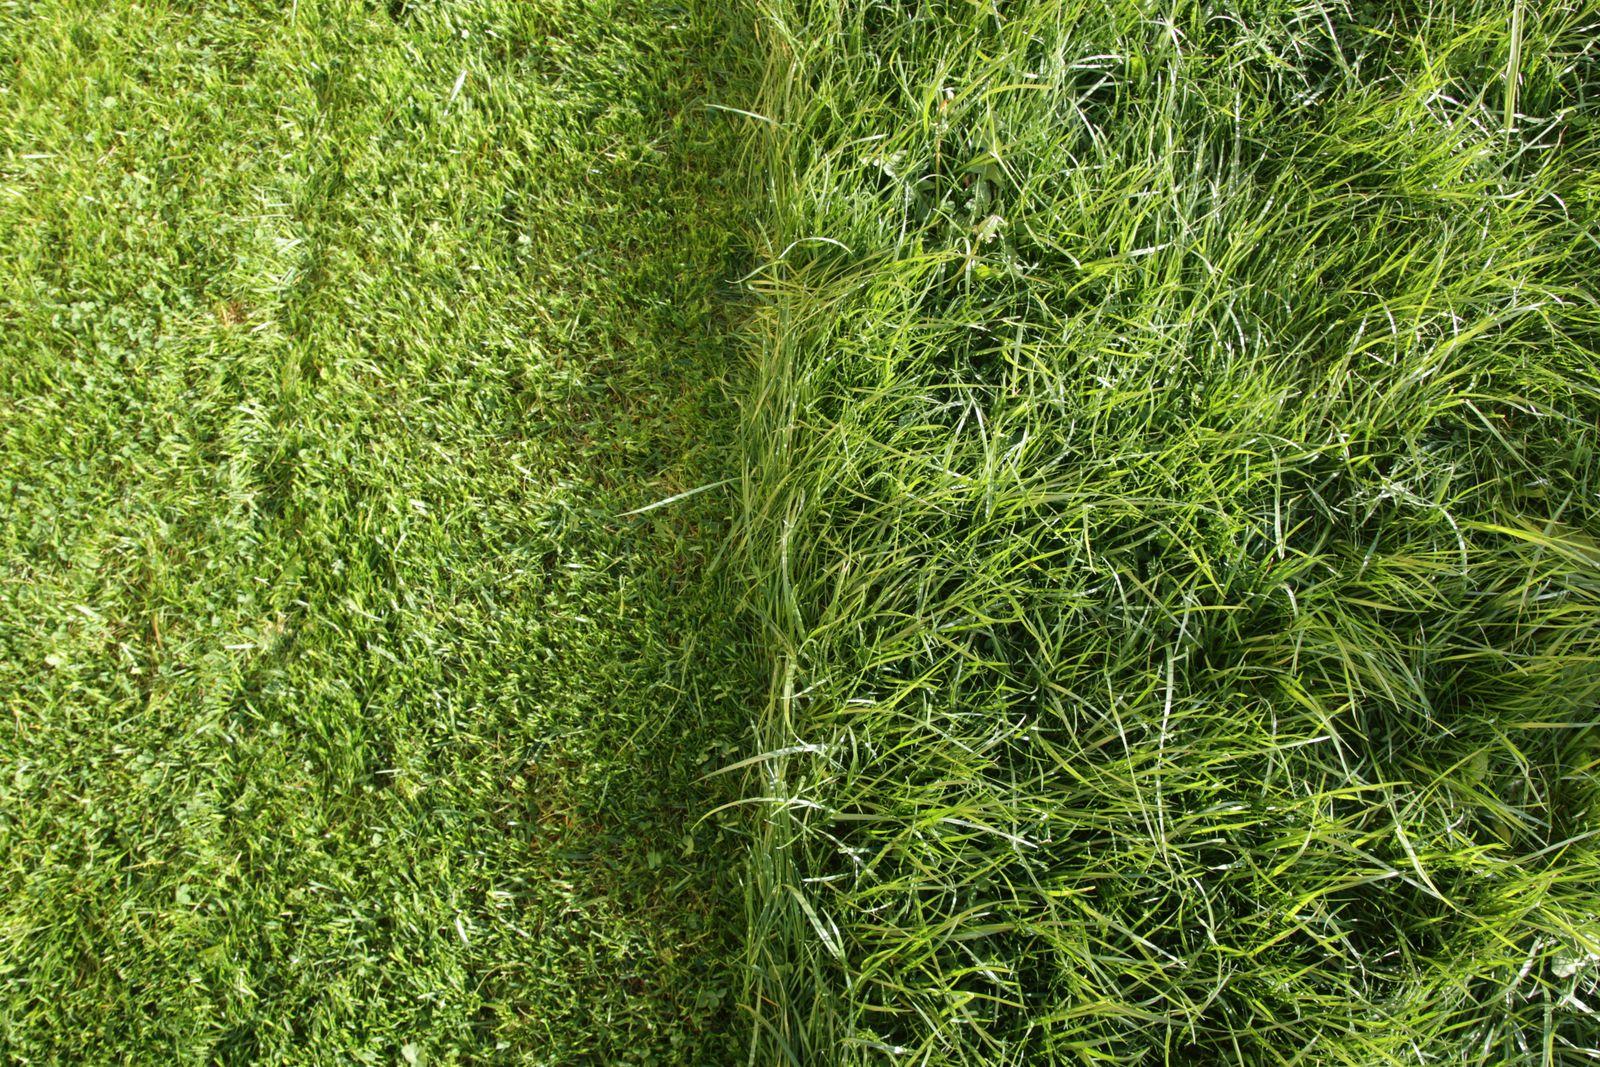 partially cut grass lawn